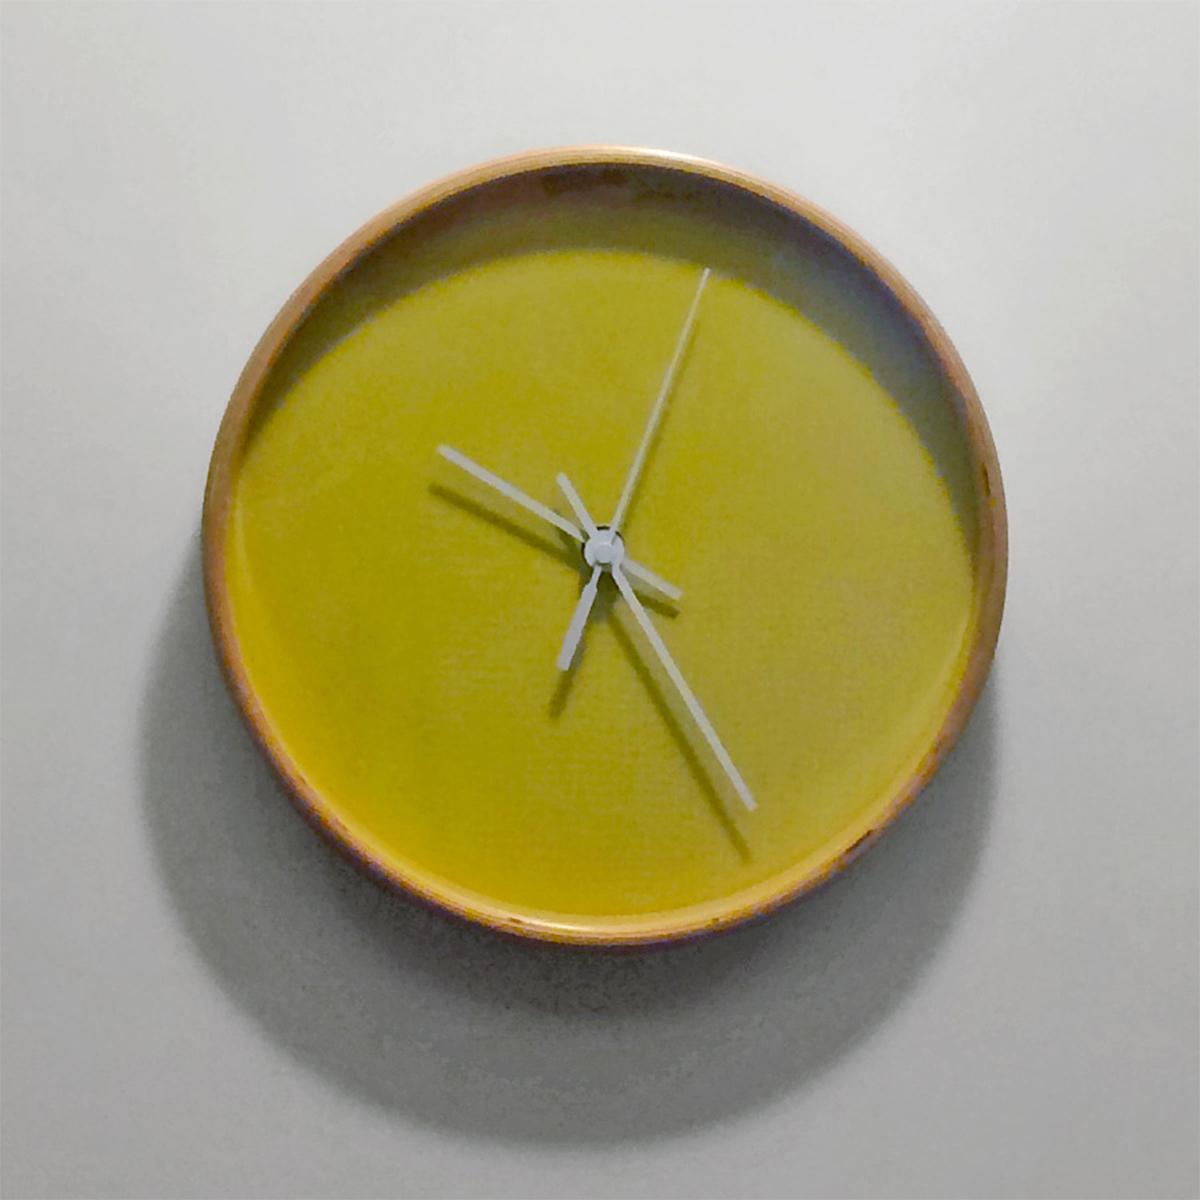 Sun and Moon Minimalist Clock